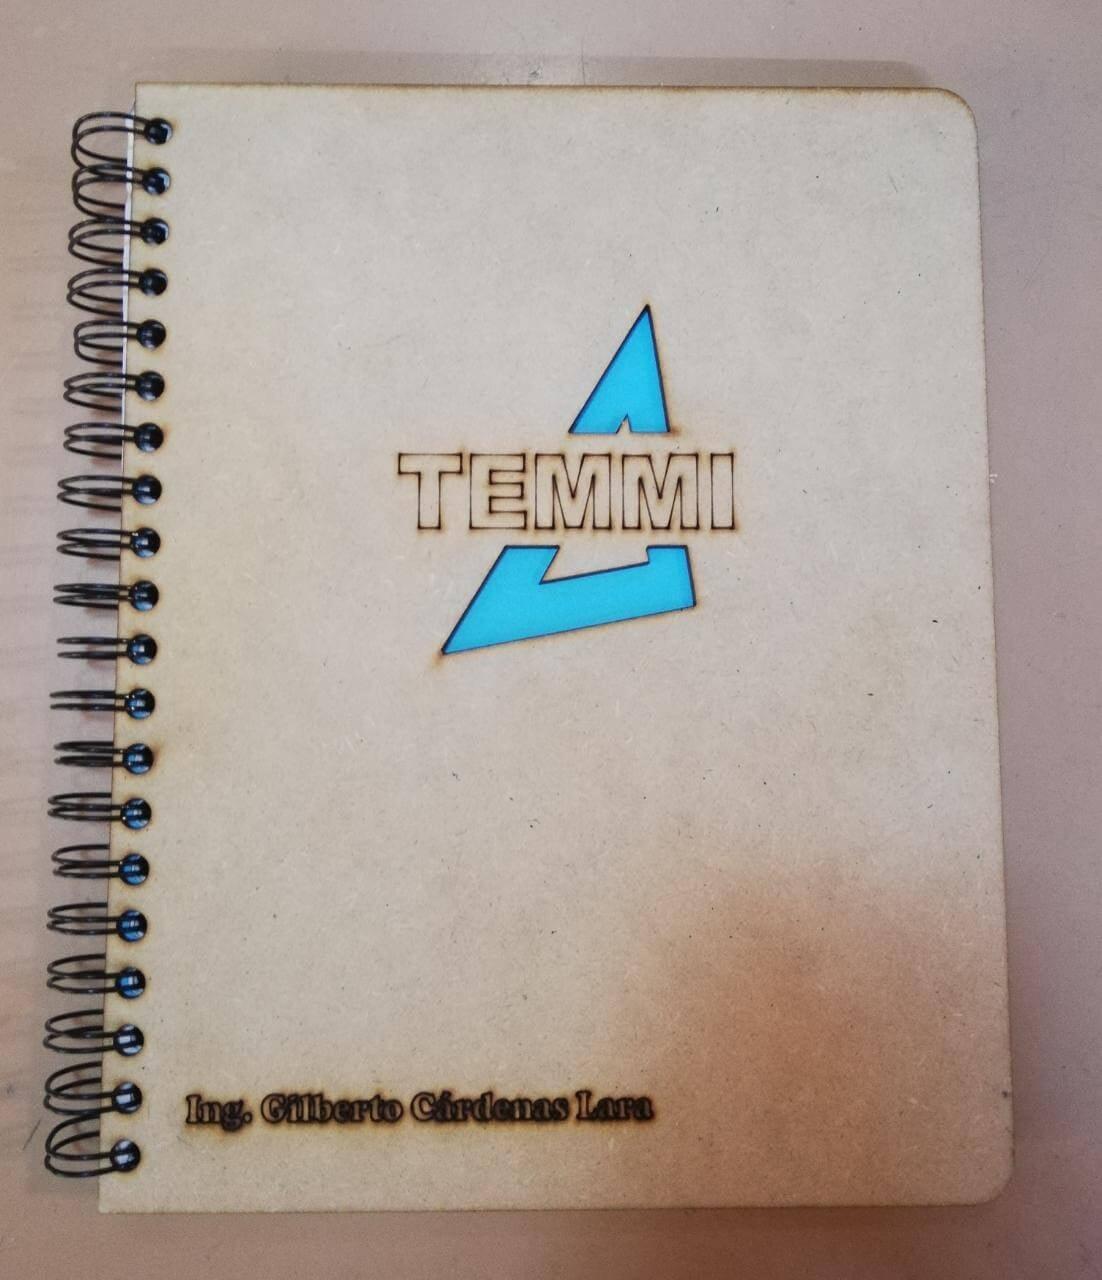 TEMMI – Cuaderno tematico a MDF